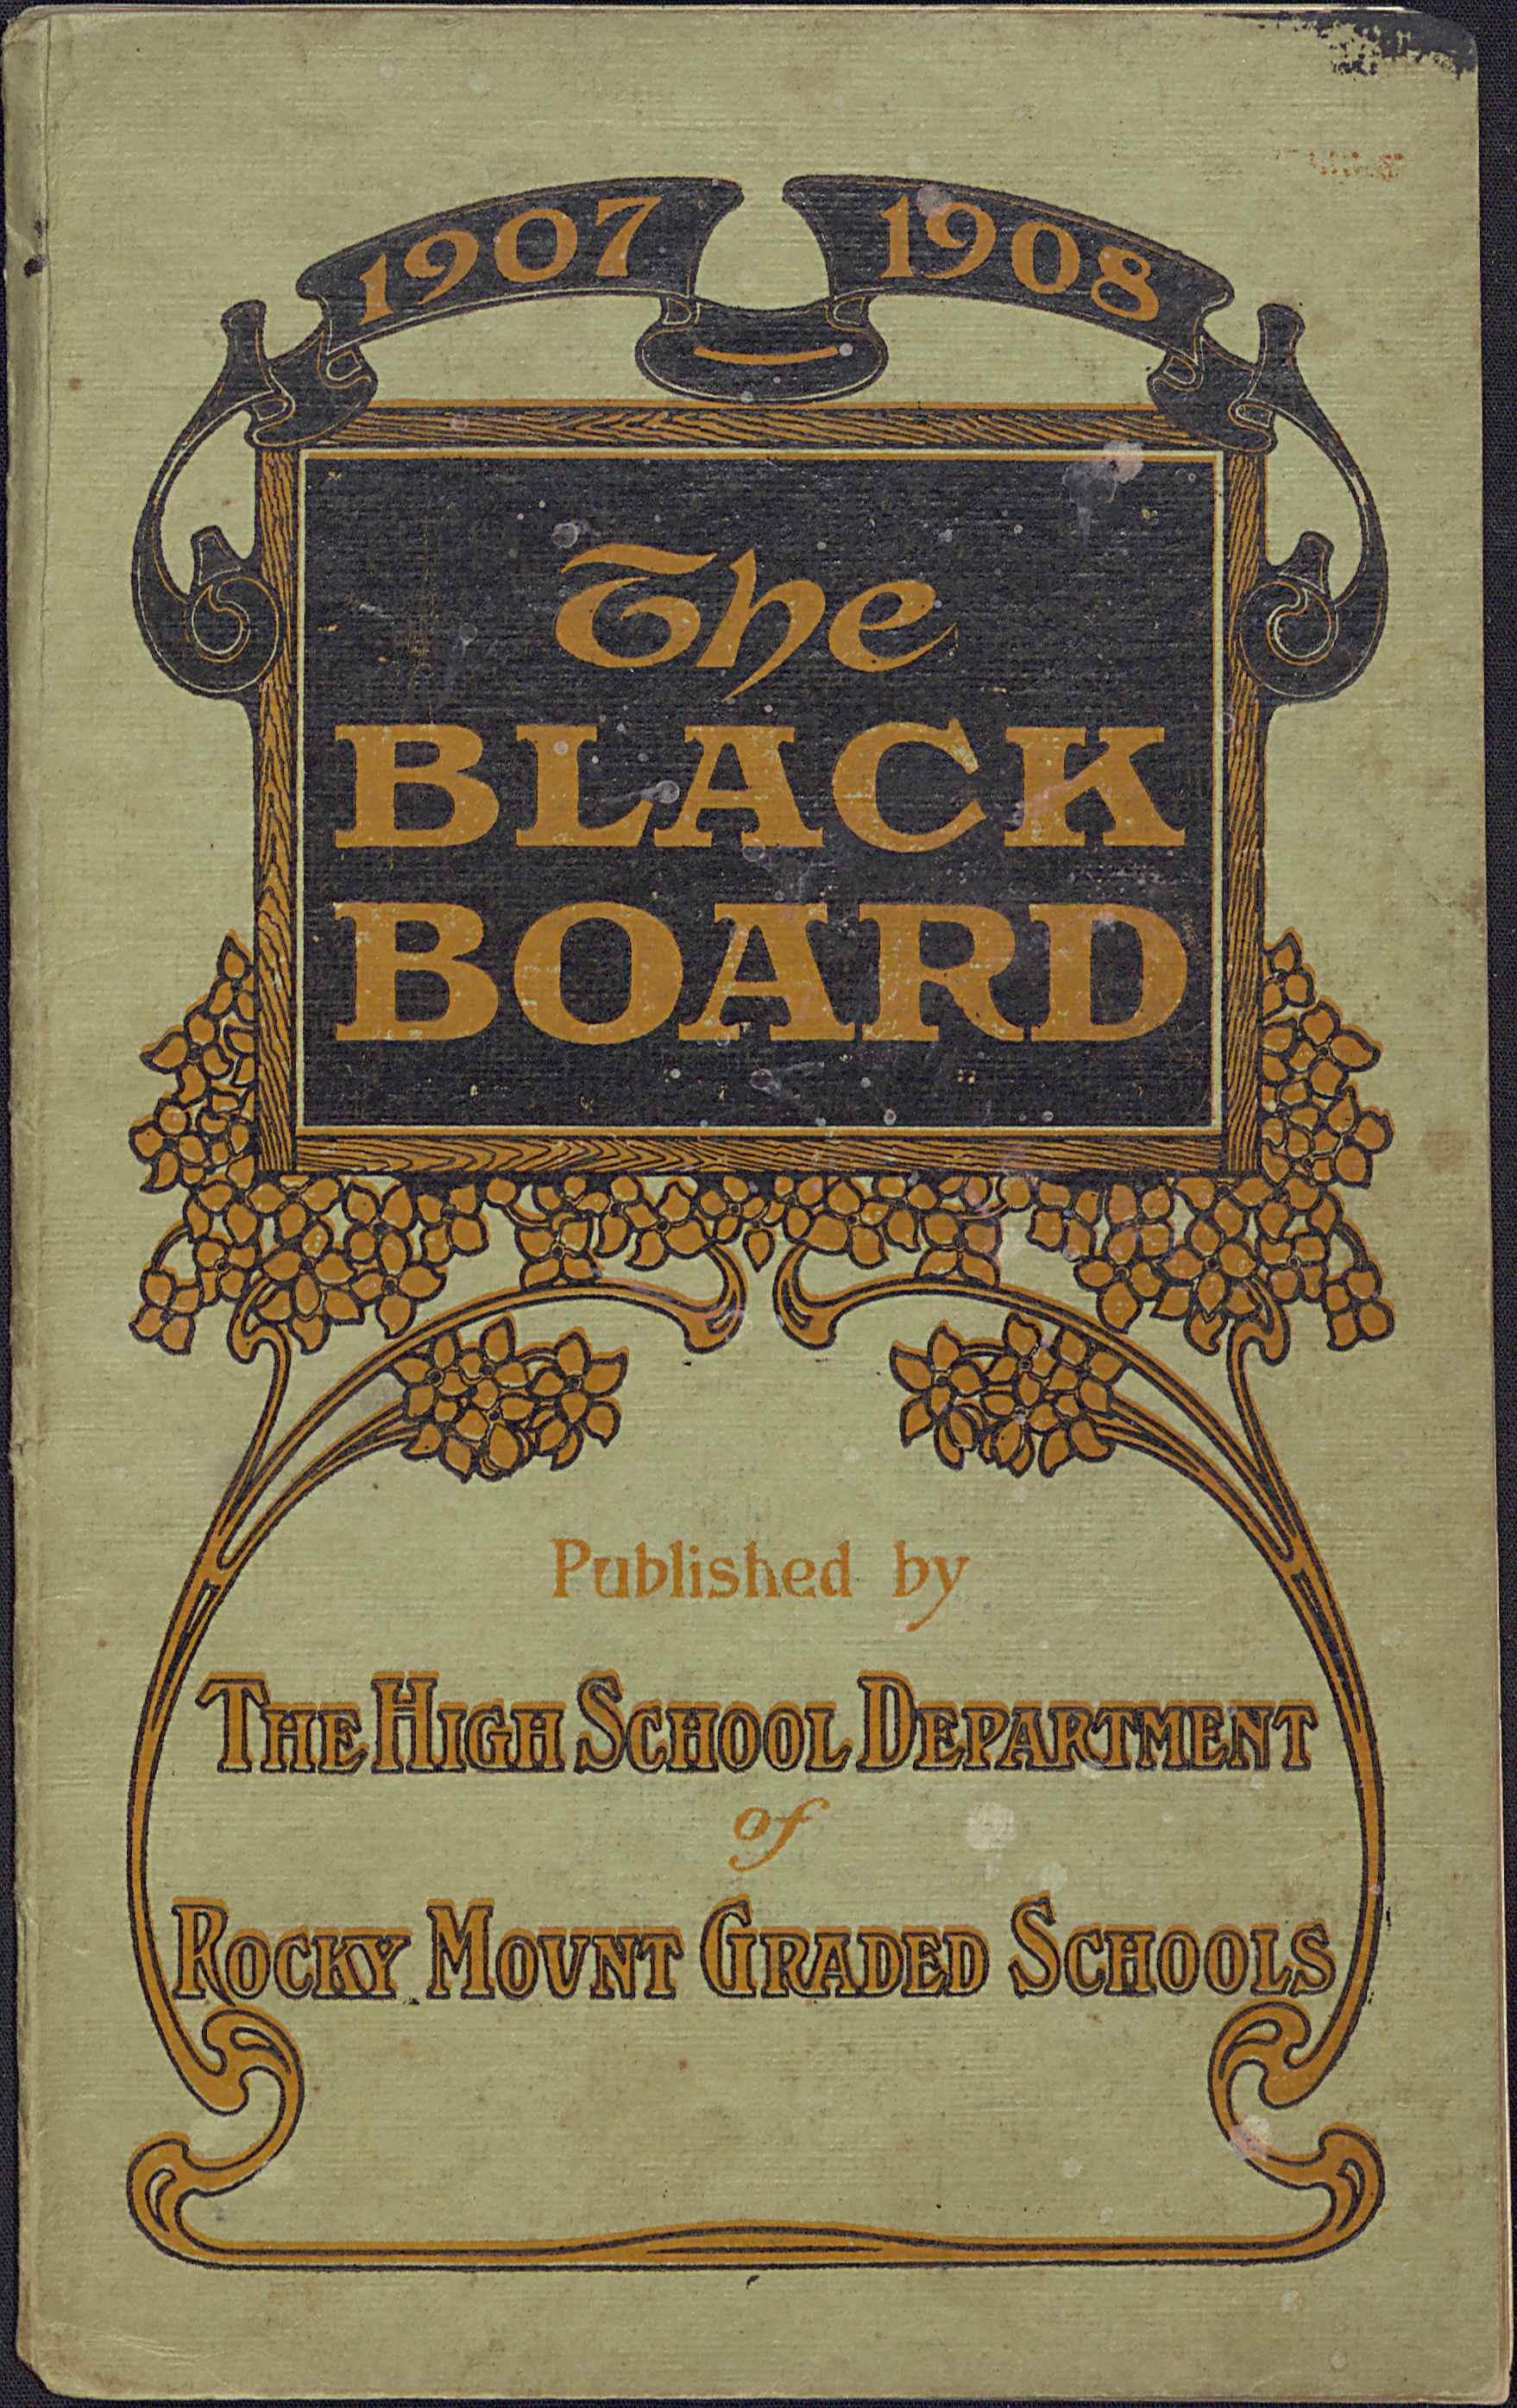 braswell_blackboard_0041